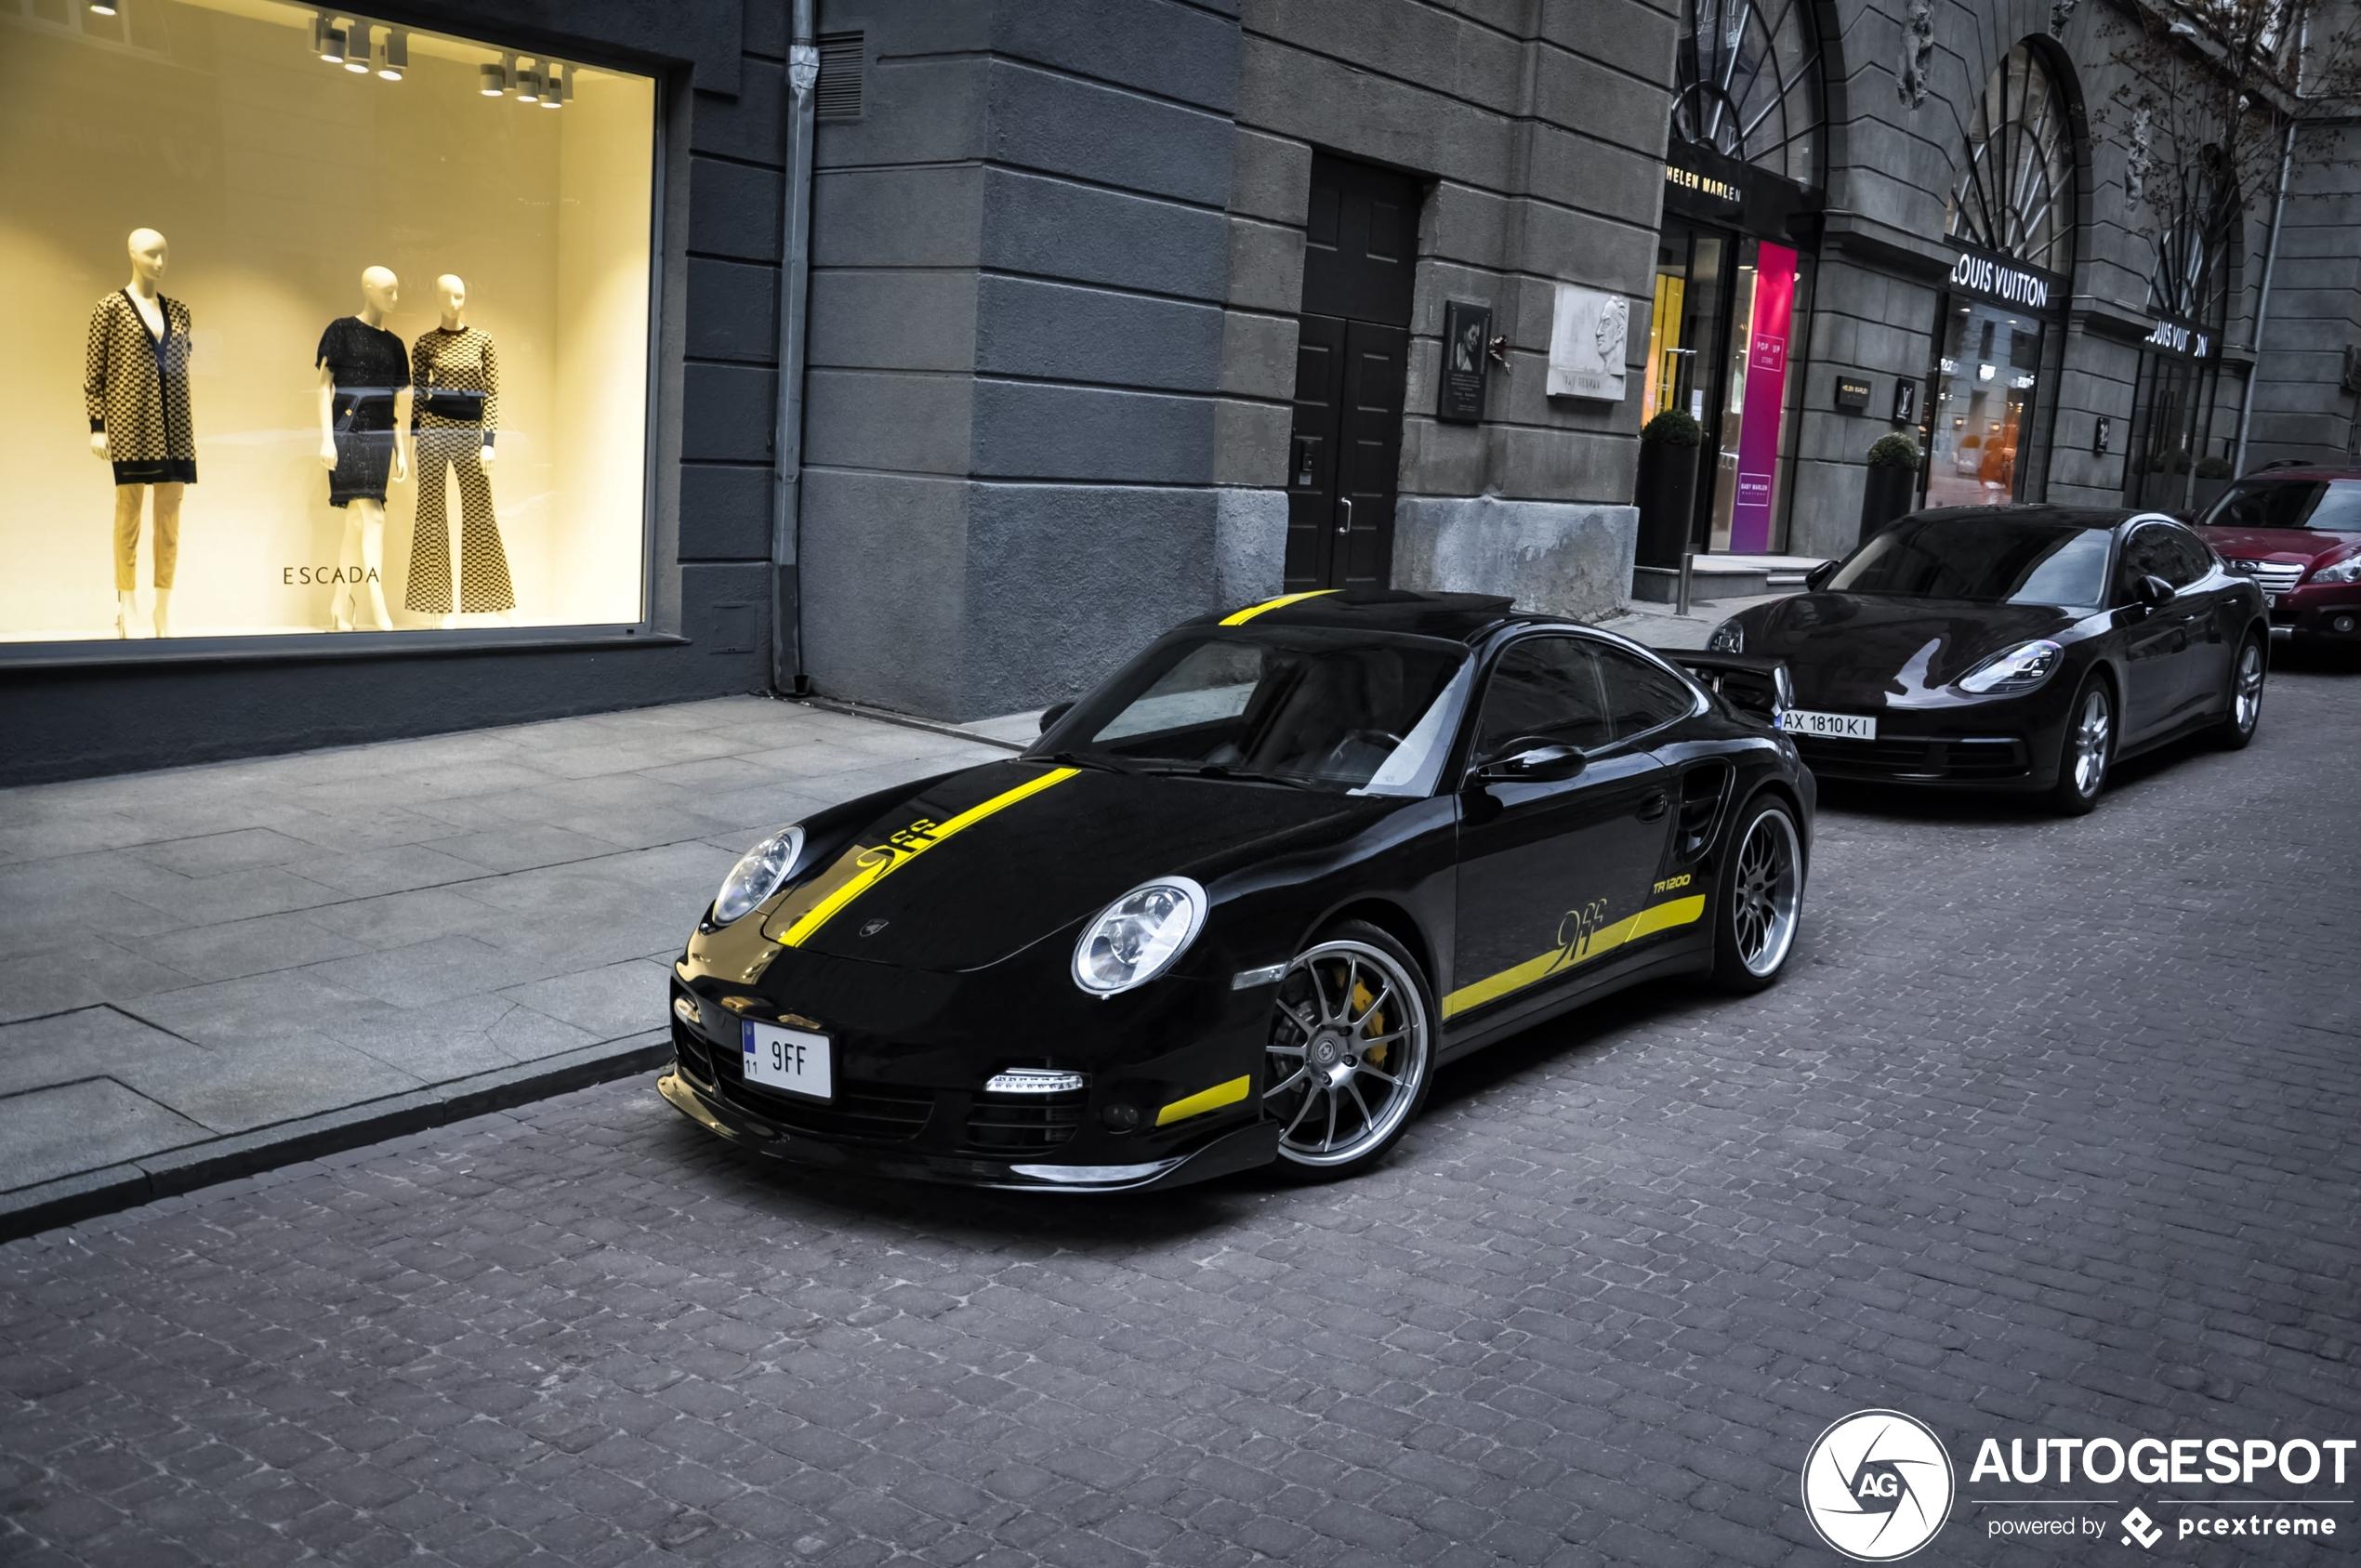 Porsche9ff GTurbo 1200